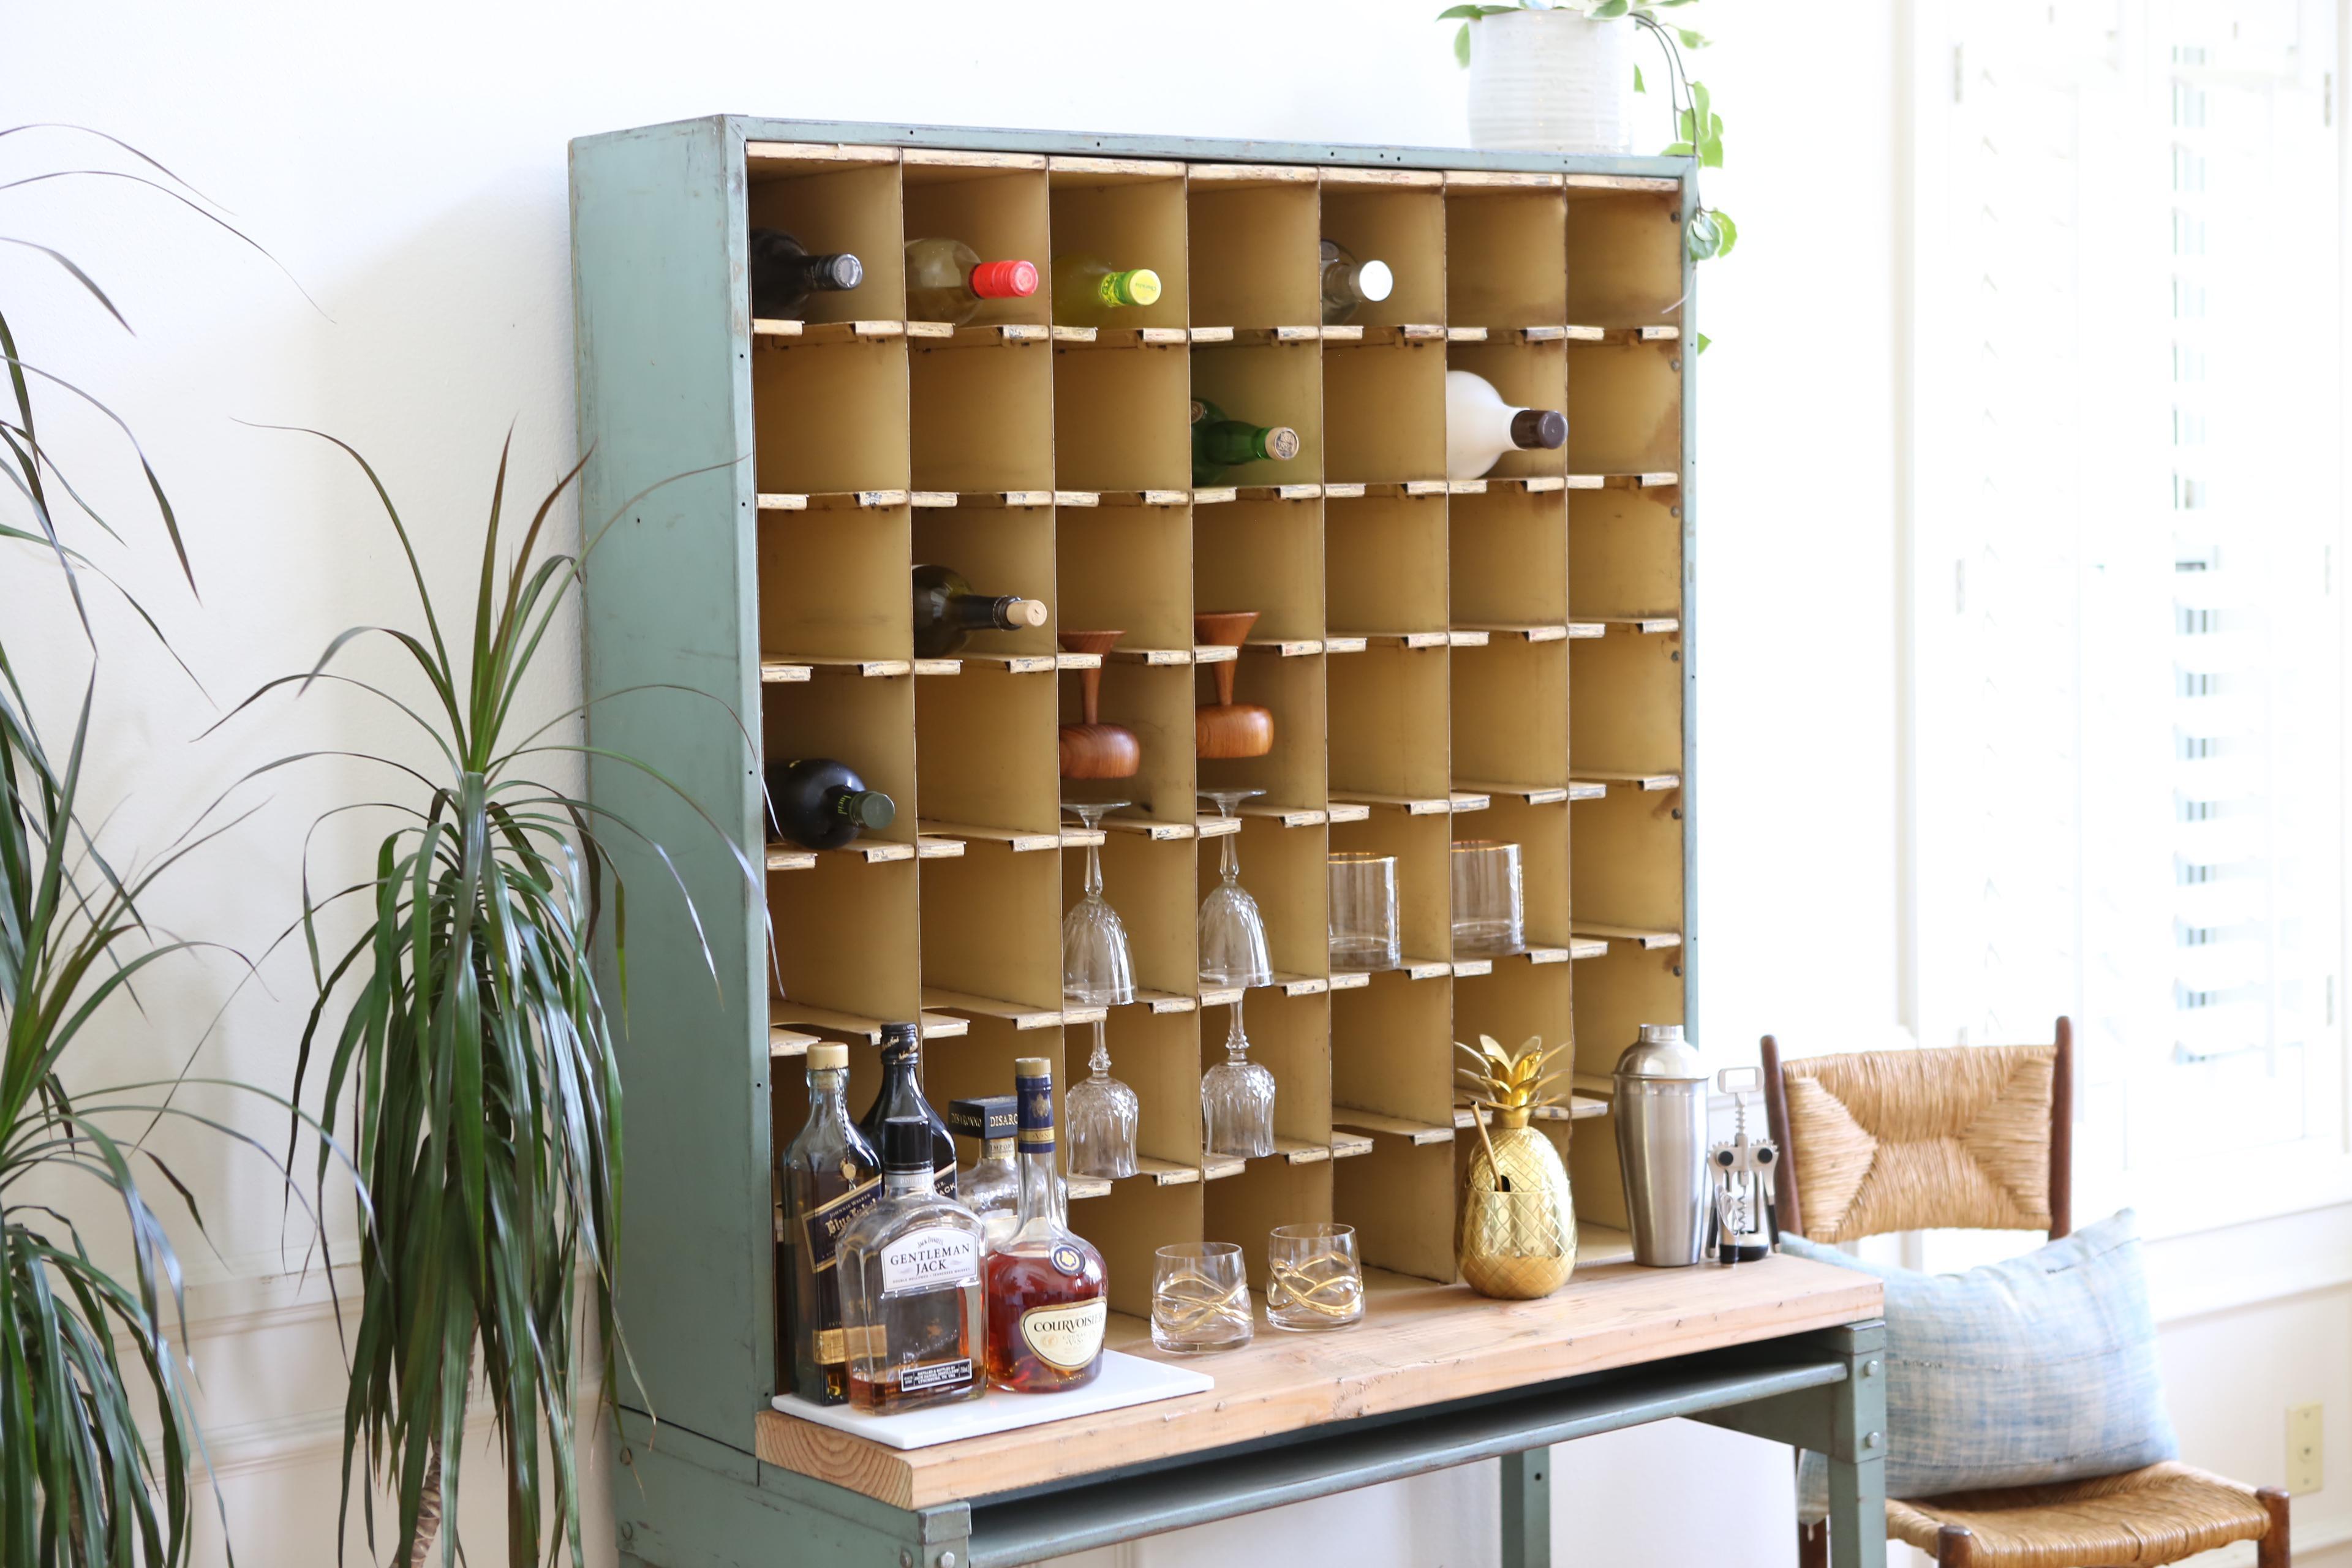 Attrayant Vintage Industrial Mail Sorter Bar Shelf / Cabinet Desk   Image 5 Of 7